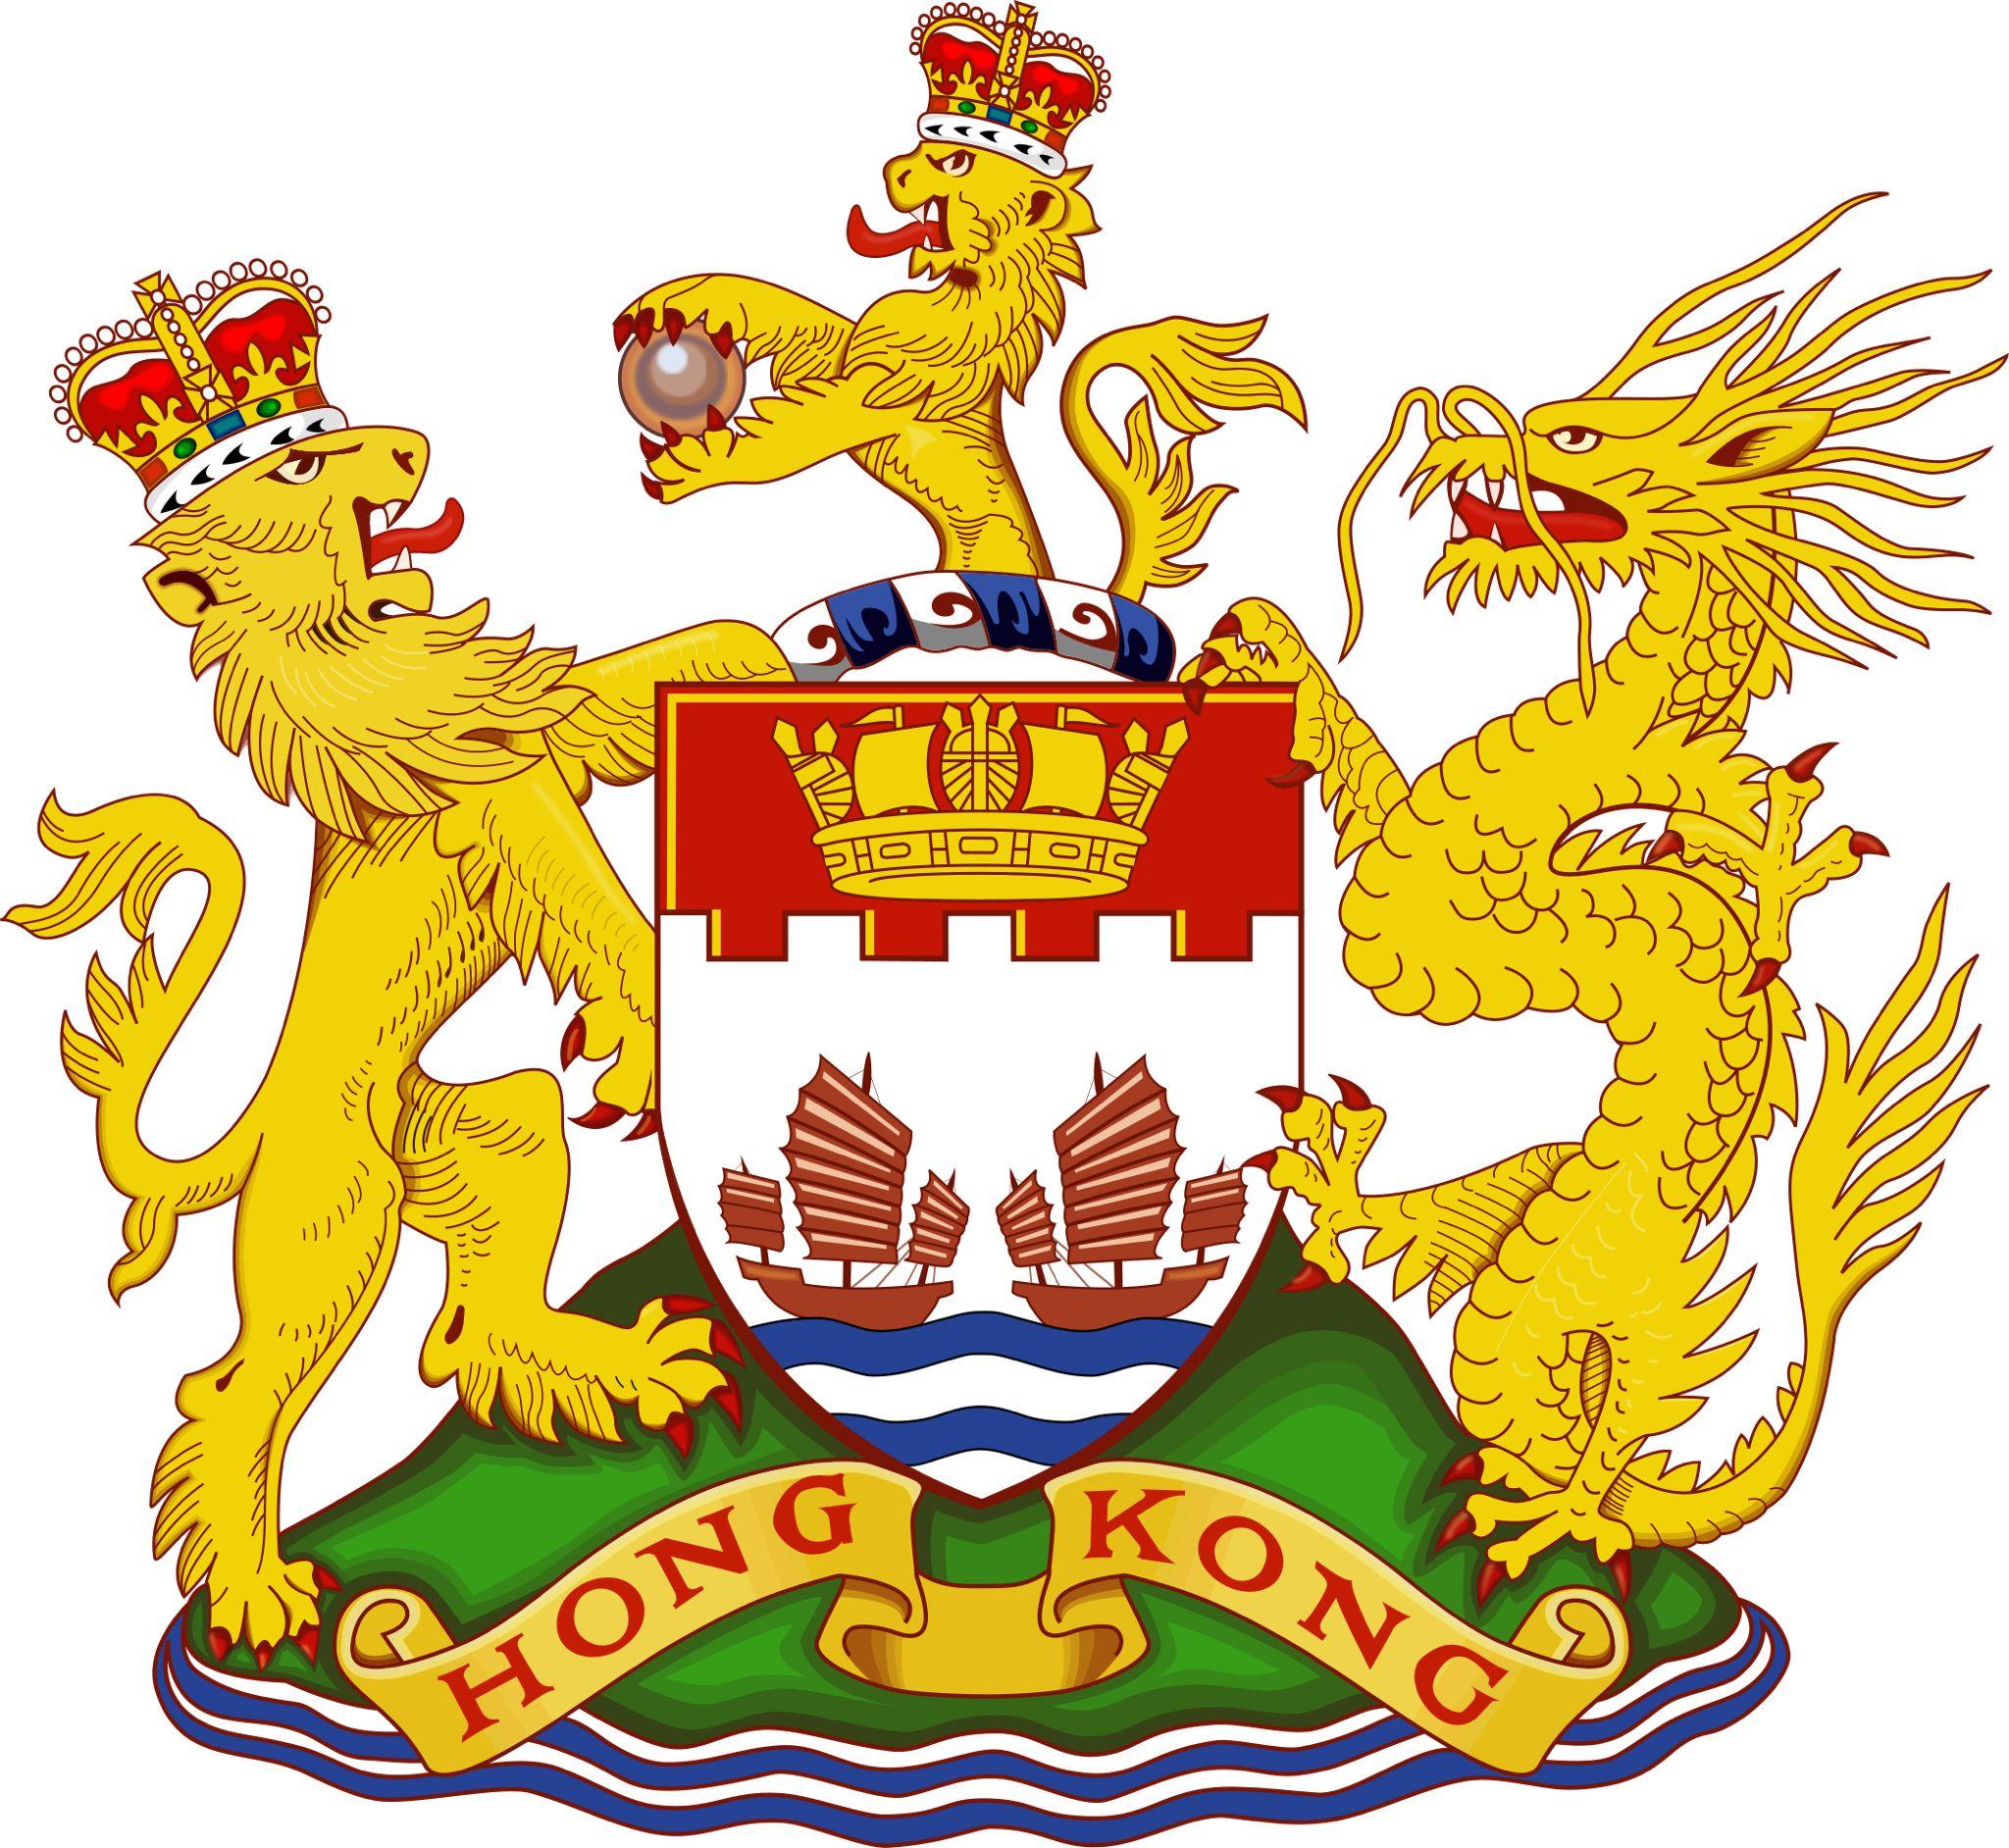 FLAG OF HONG KONG EMBLEM OLD HONG KONG FLAG CAR GRILLE BADGE